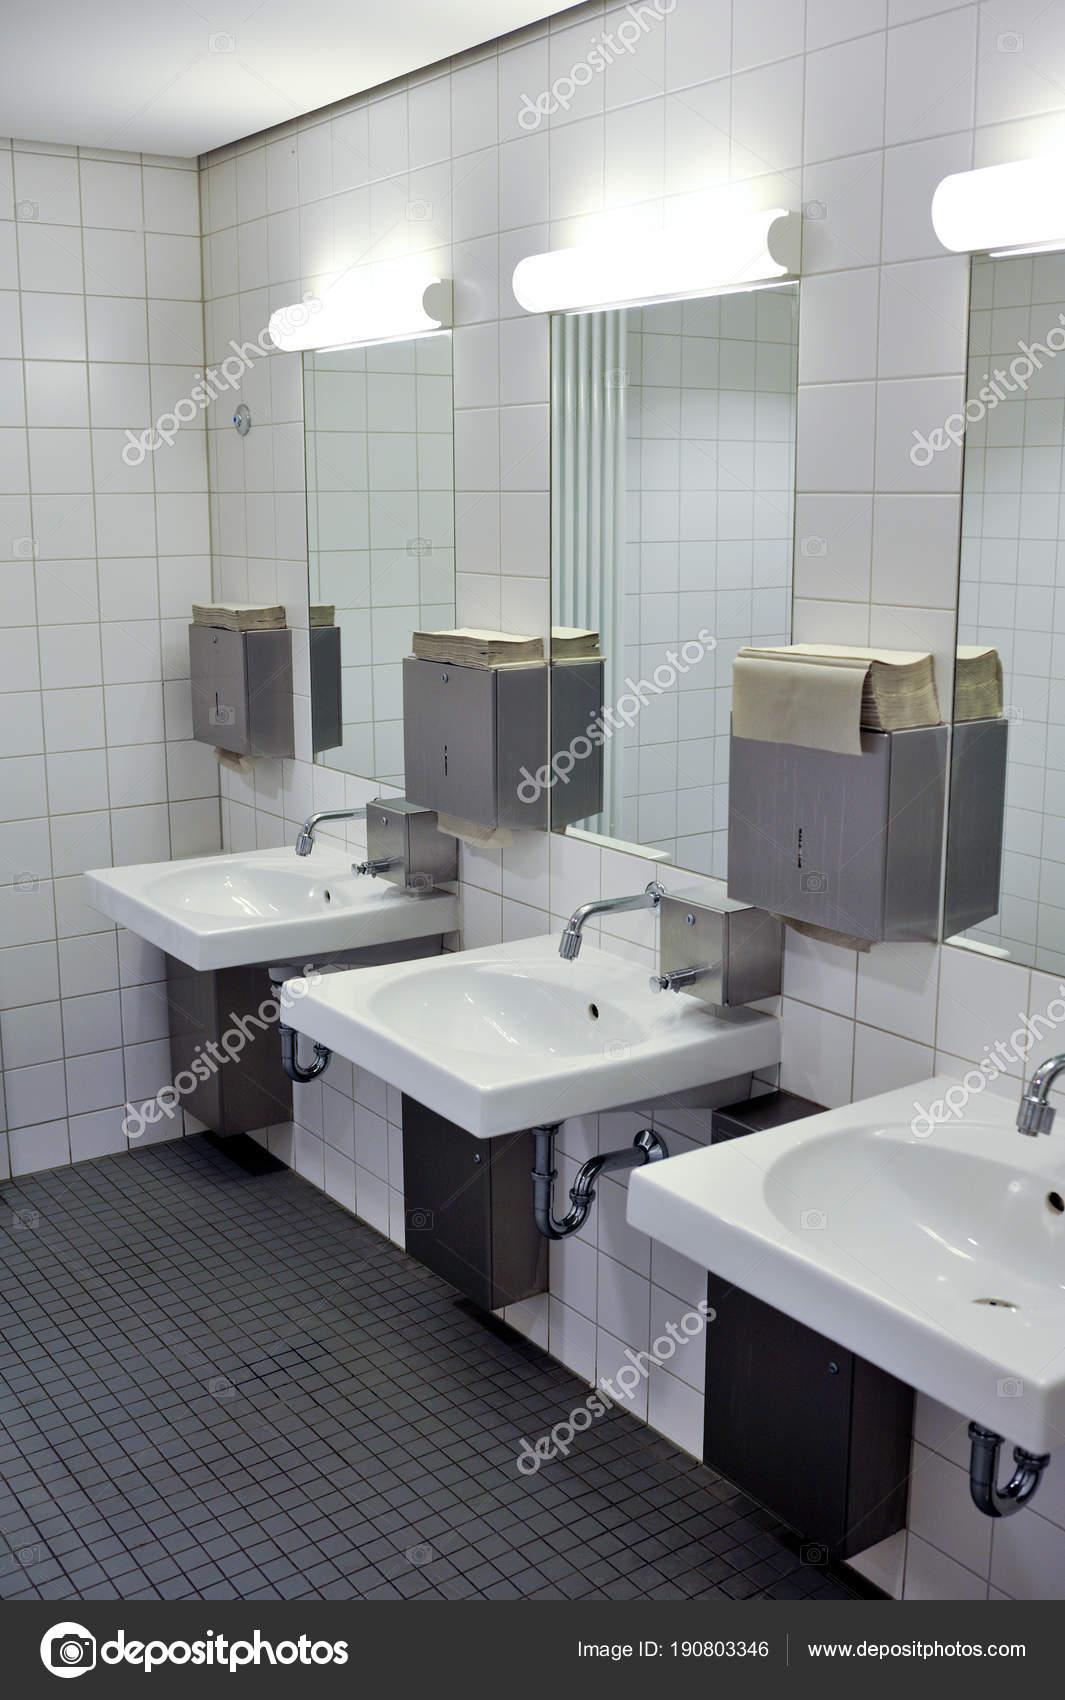 Meuble Salle De Bain Ebeniste ~ Salle Bains Public Luxe Salle Bain Propre Public Avec Diff Rents